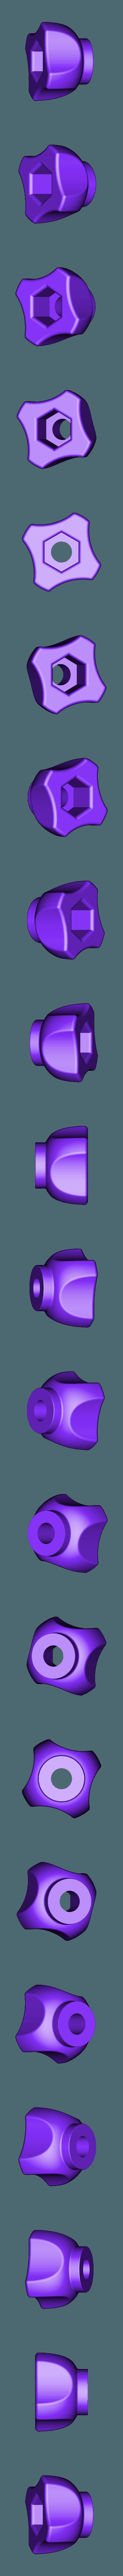 GoProThmScrw(v1.2c)M5stumpy-use 25mm-bolt.stl Download STL file V-Mount Battery Back Pack Plate to 15mm bars Adapter • Object to 3D print, vintage-lens